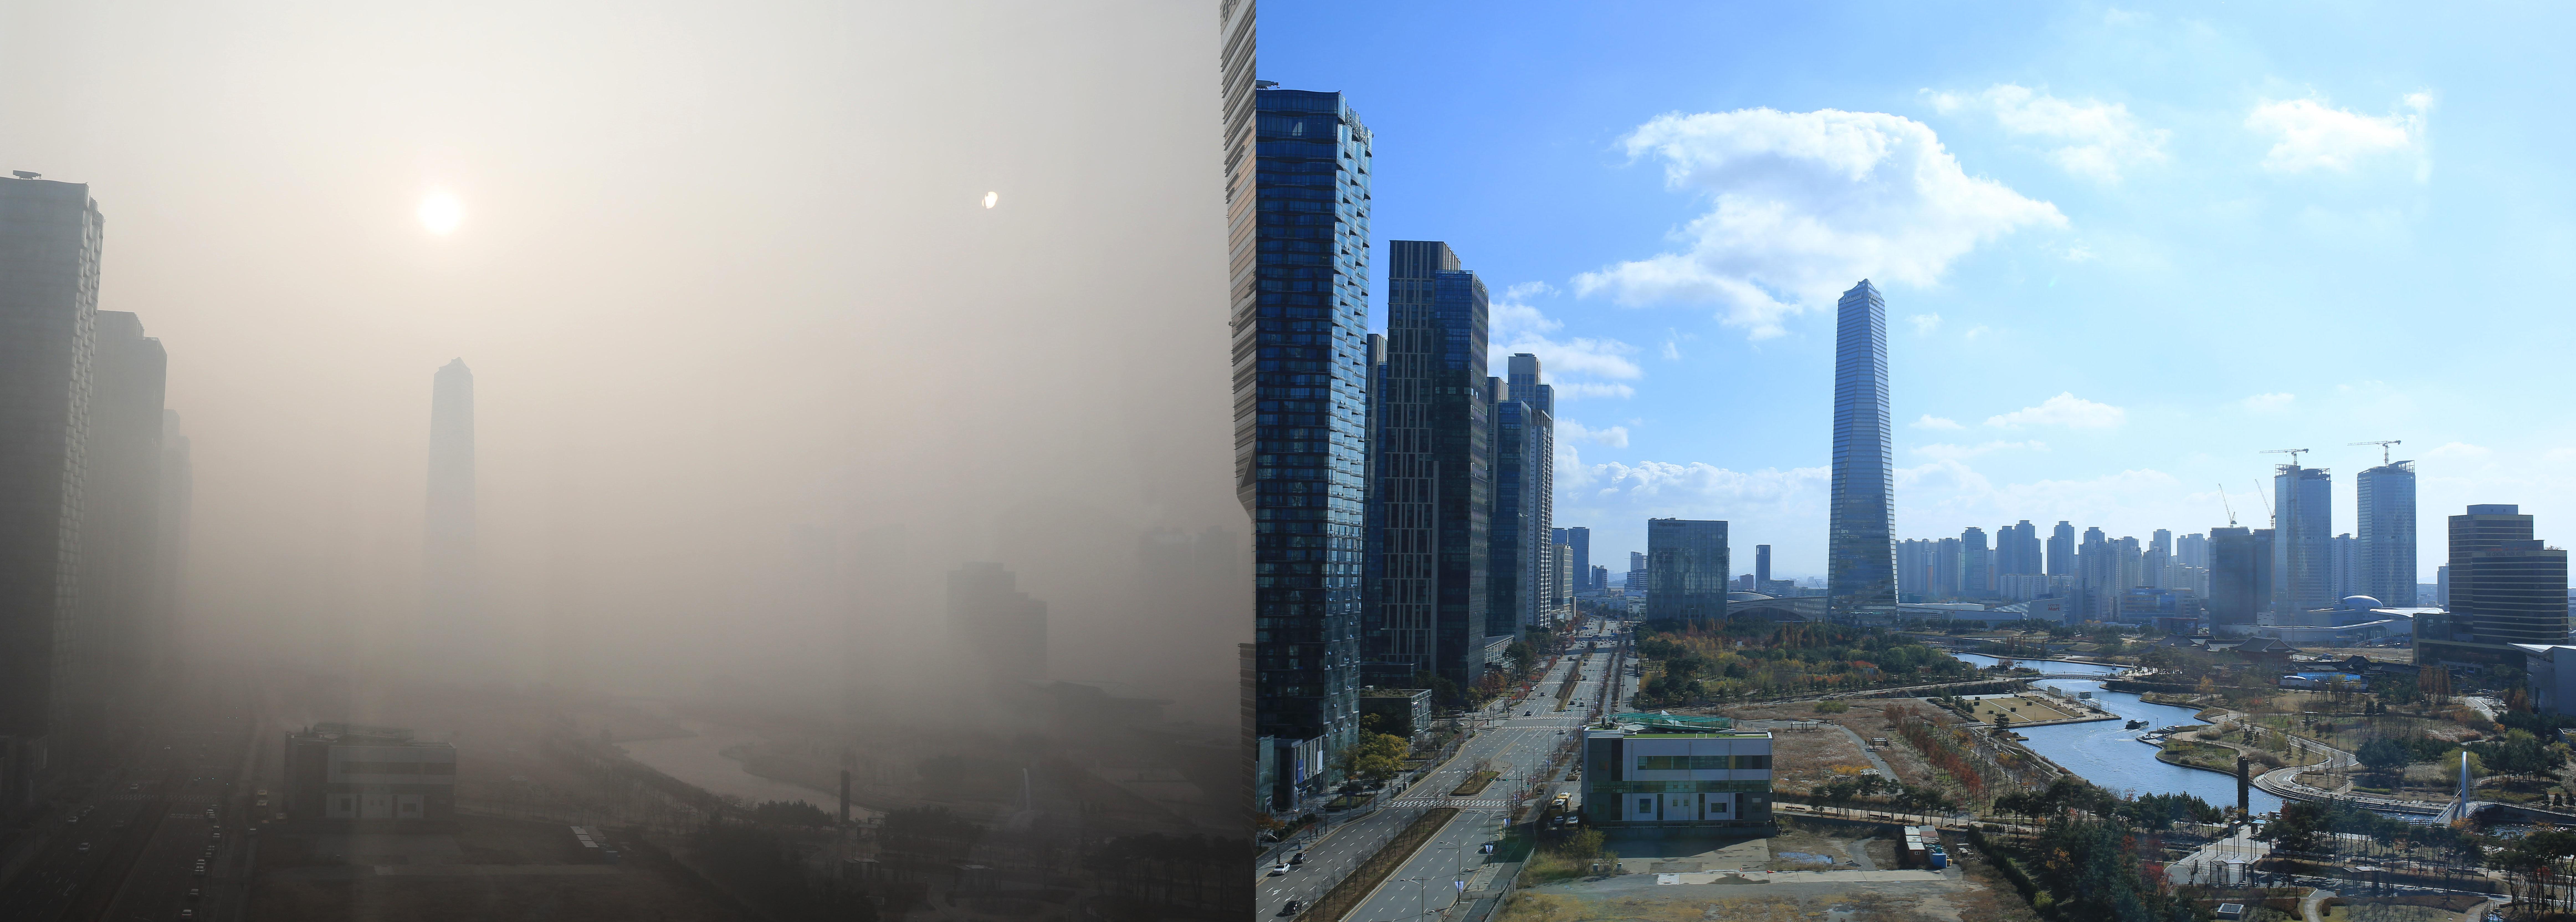 사진 왼쪽은 미세먼지가 가득한 14일 인천 송도 모습, 오른쪽은 미세먼지가 없는 송도의 모습.